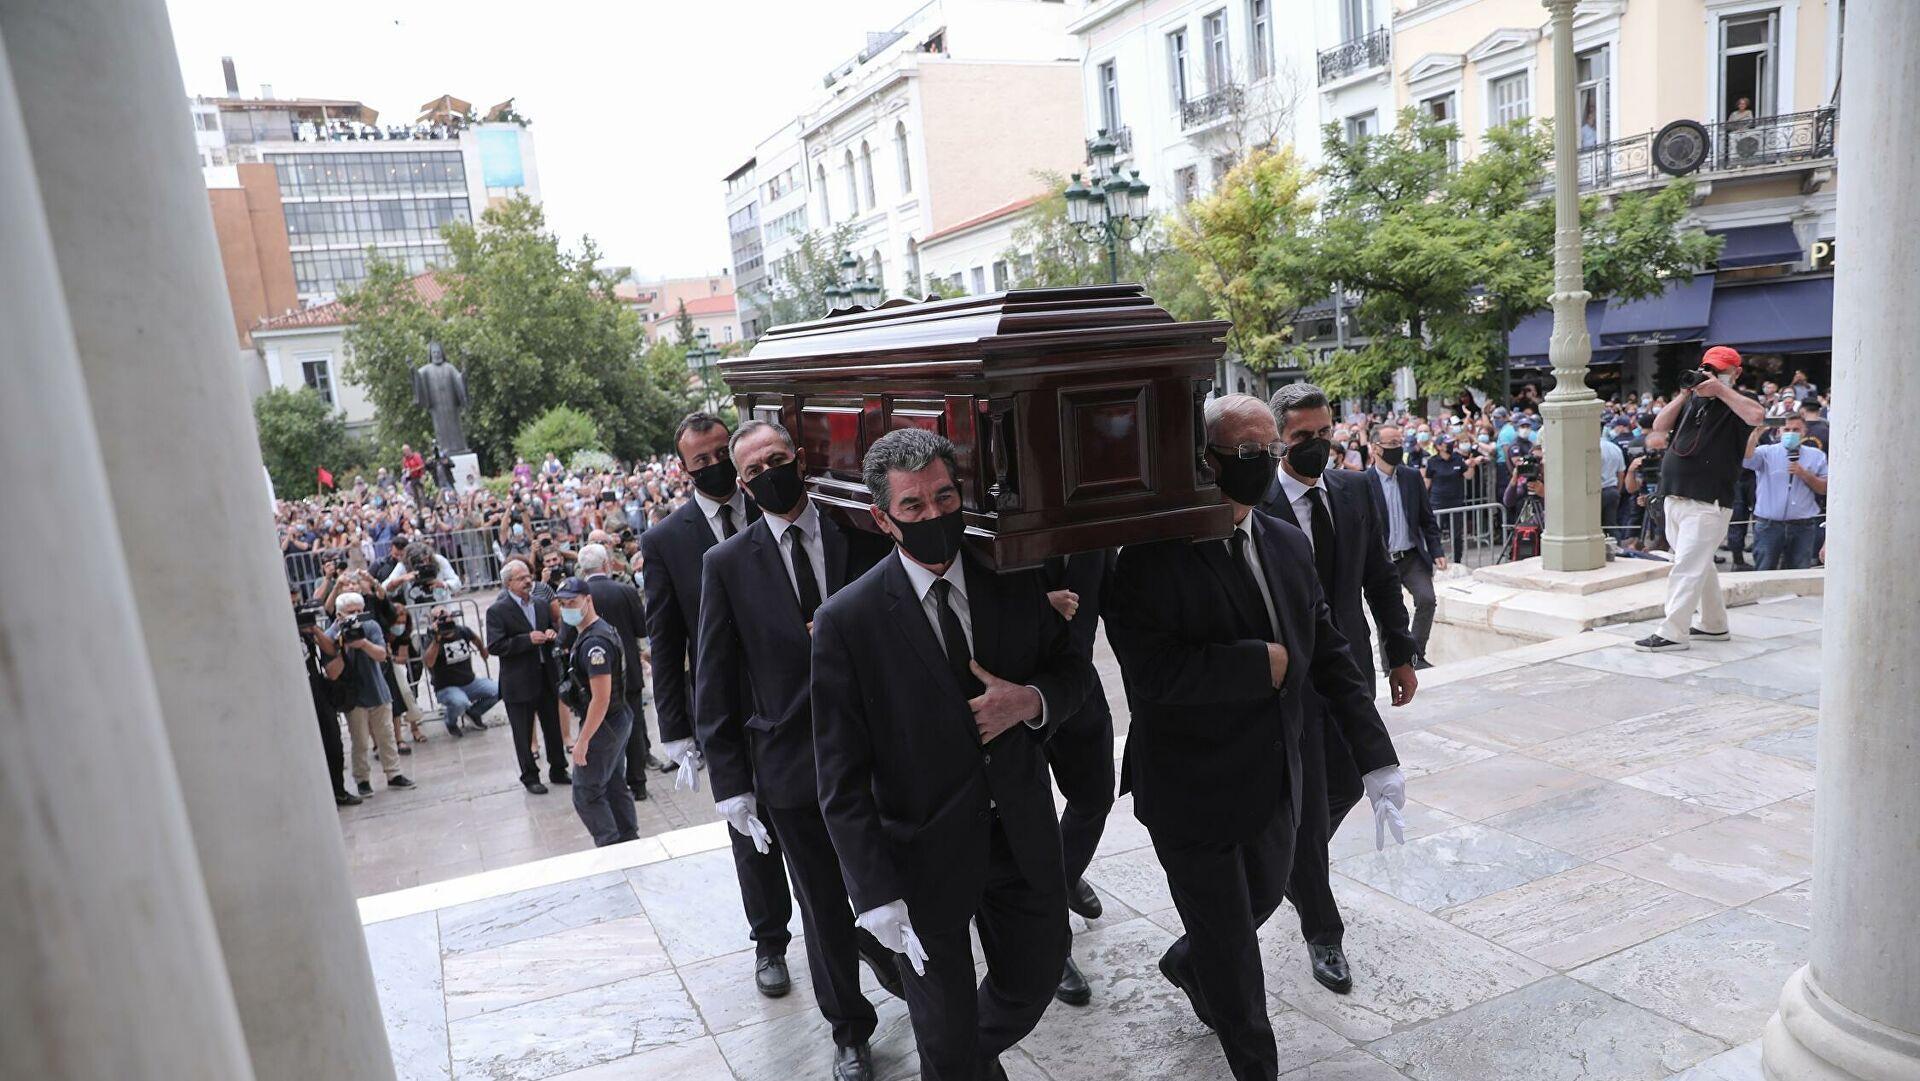 Μαργαρίτα Θεοδωράκη: Tα λόγια της για την απουσία της από την Μητρόπολη στην τελετή αποχαιρετισμού του Μίκη Θεοδωράκη